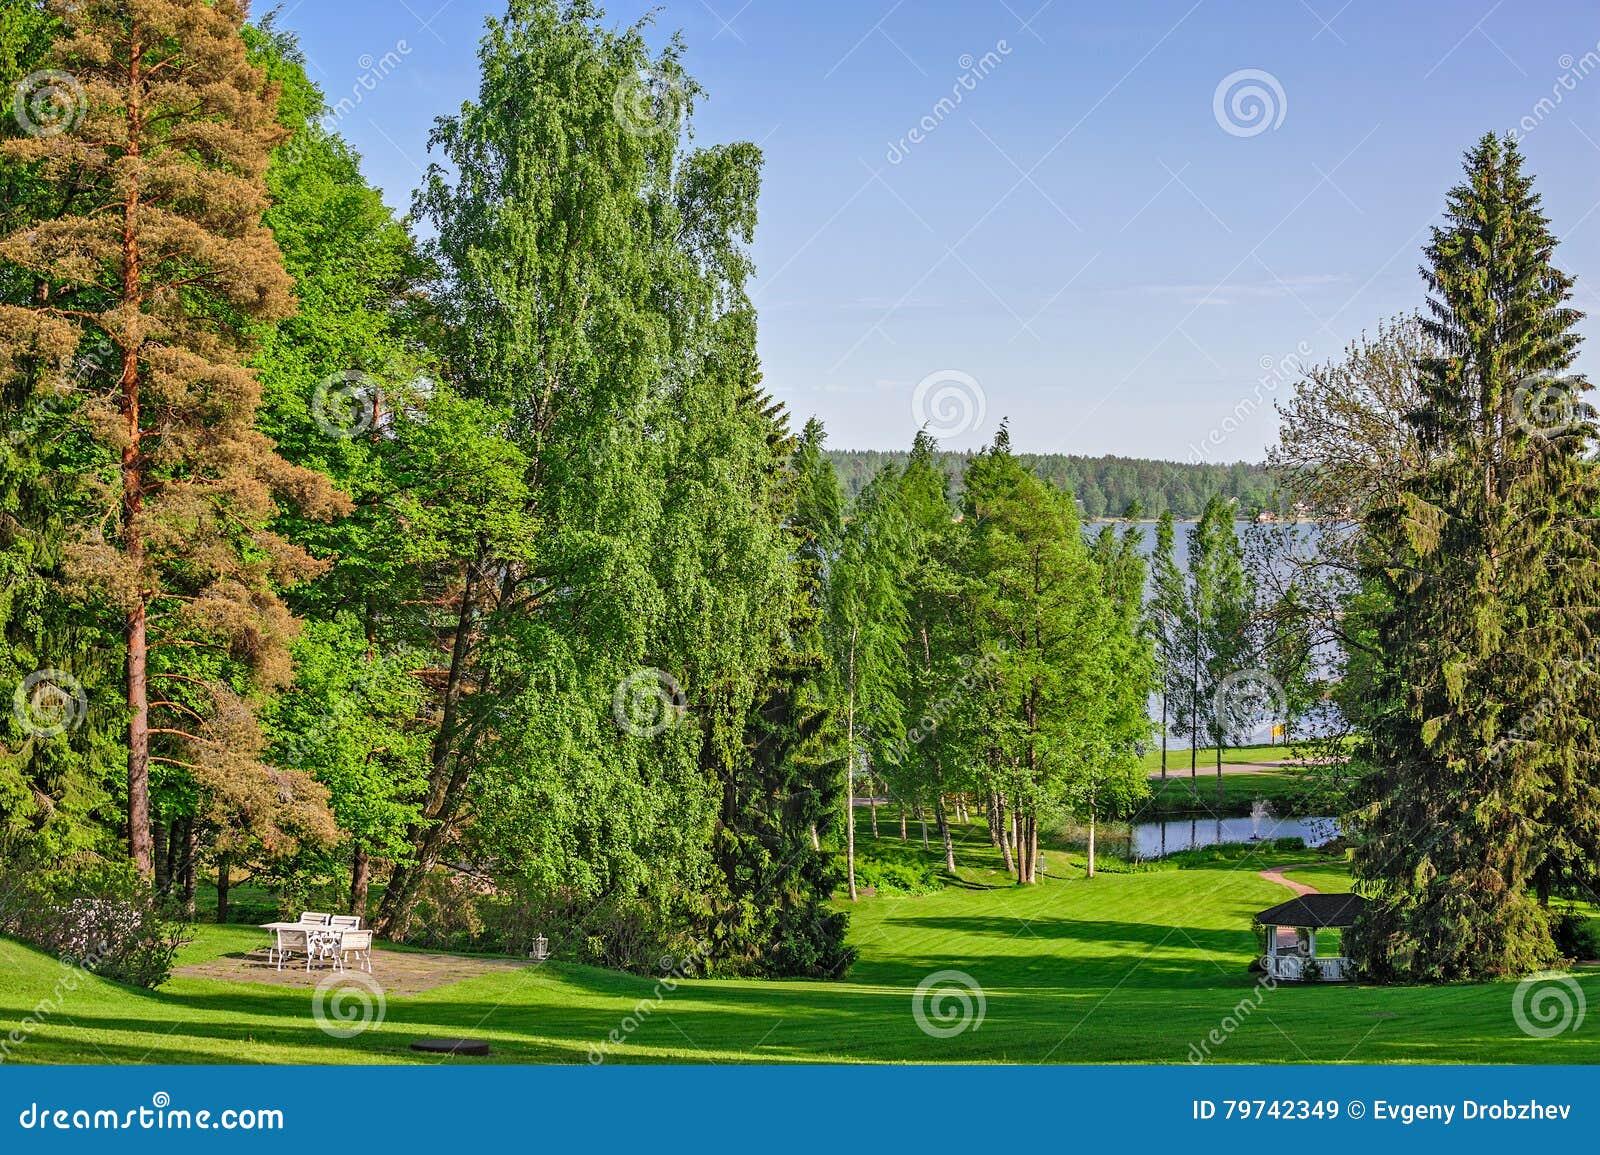 El jardín hermoso con el césped verde y relaja el lugar